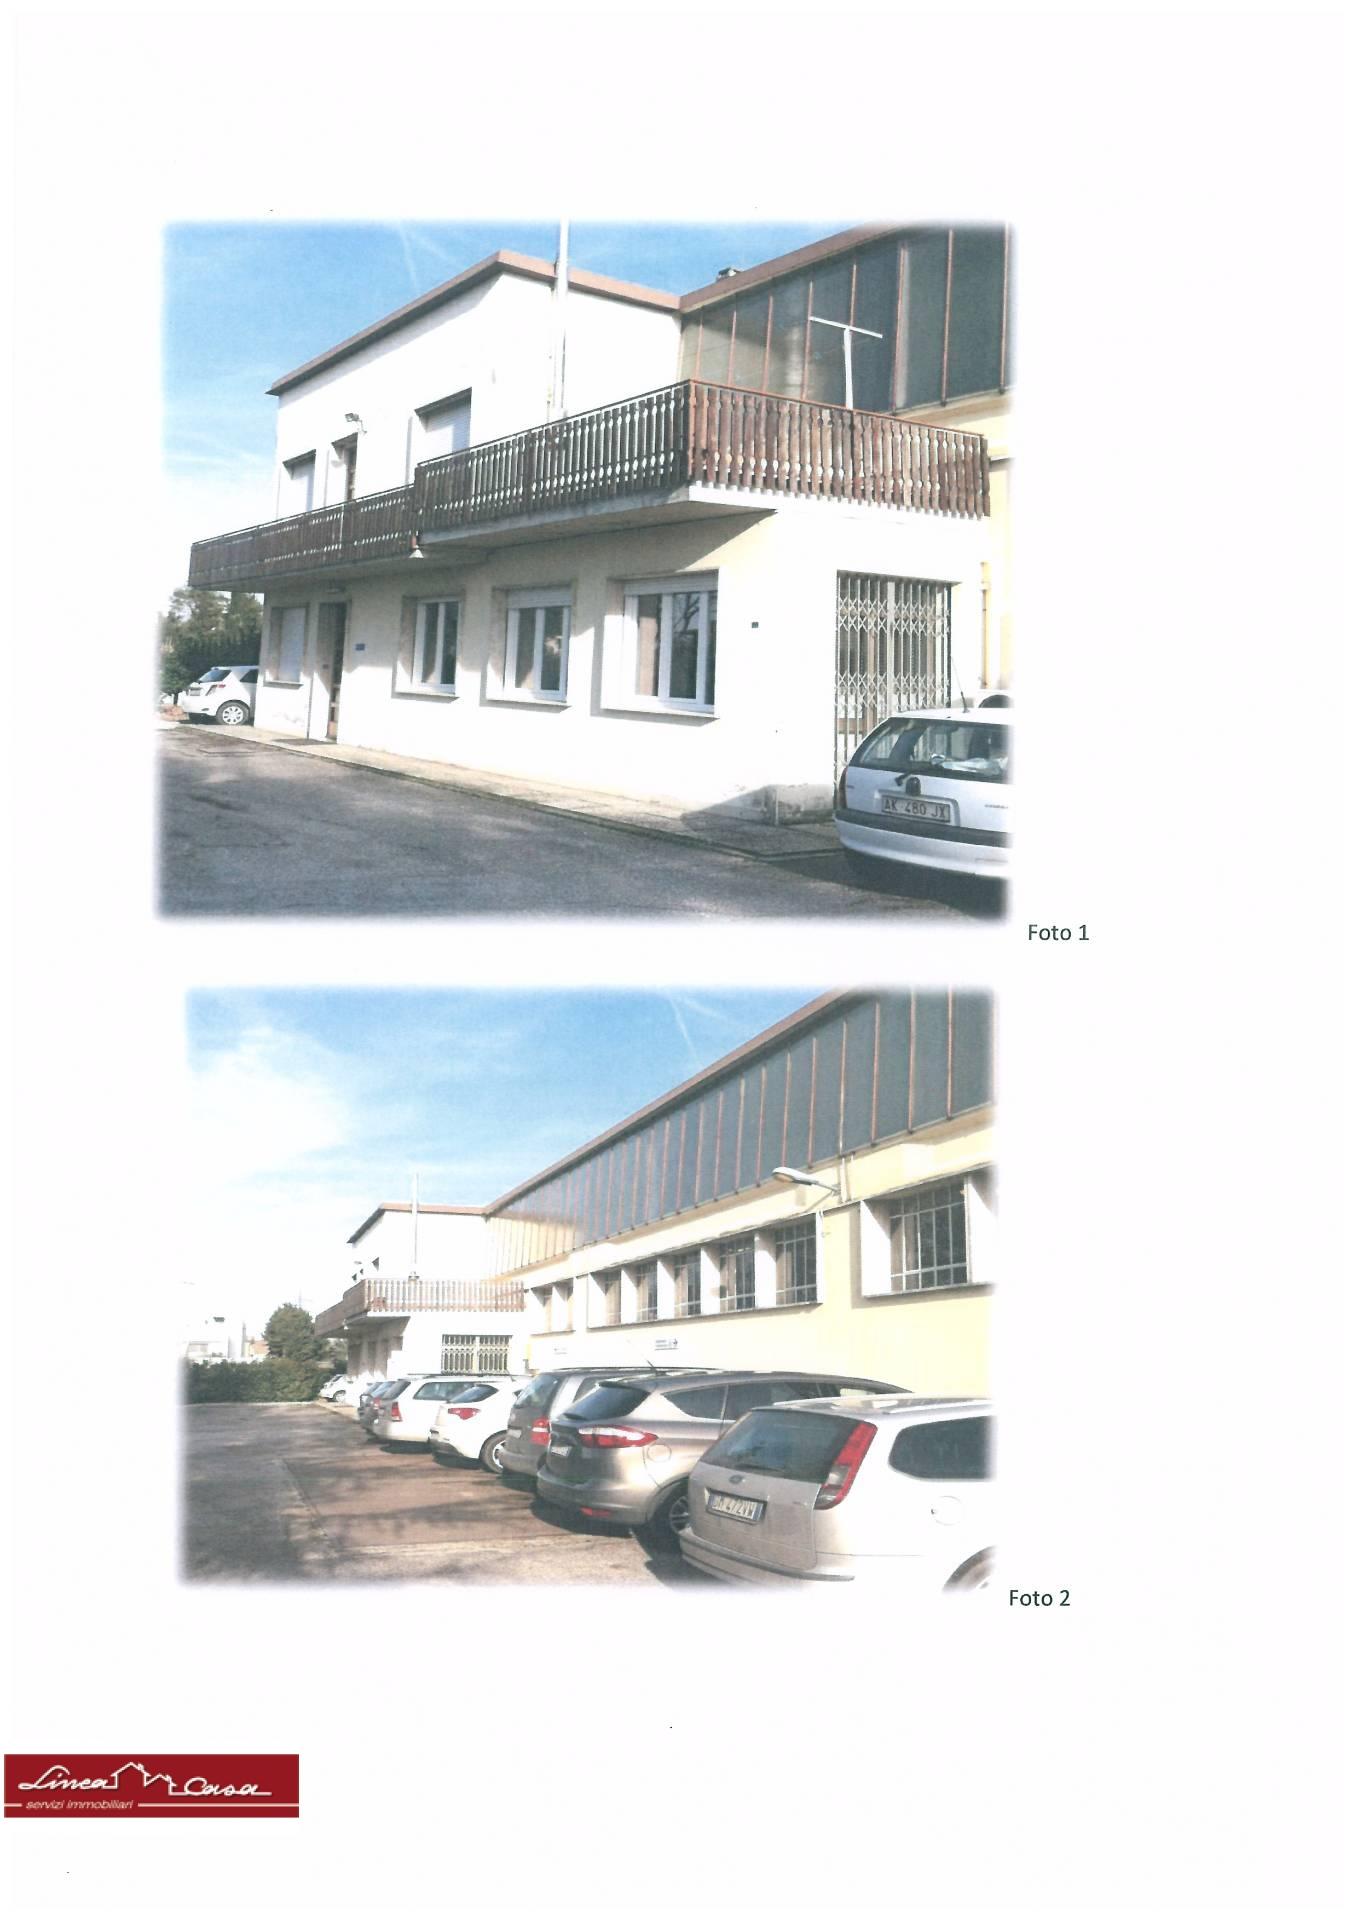 Negozio / Locale in vendita a Portomaggiore, 9999 locali, zona Località: Portomaggiore, prezzo € 450.000 | Cambio Casa.it